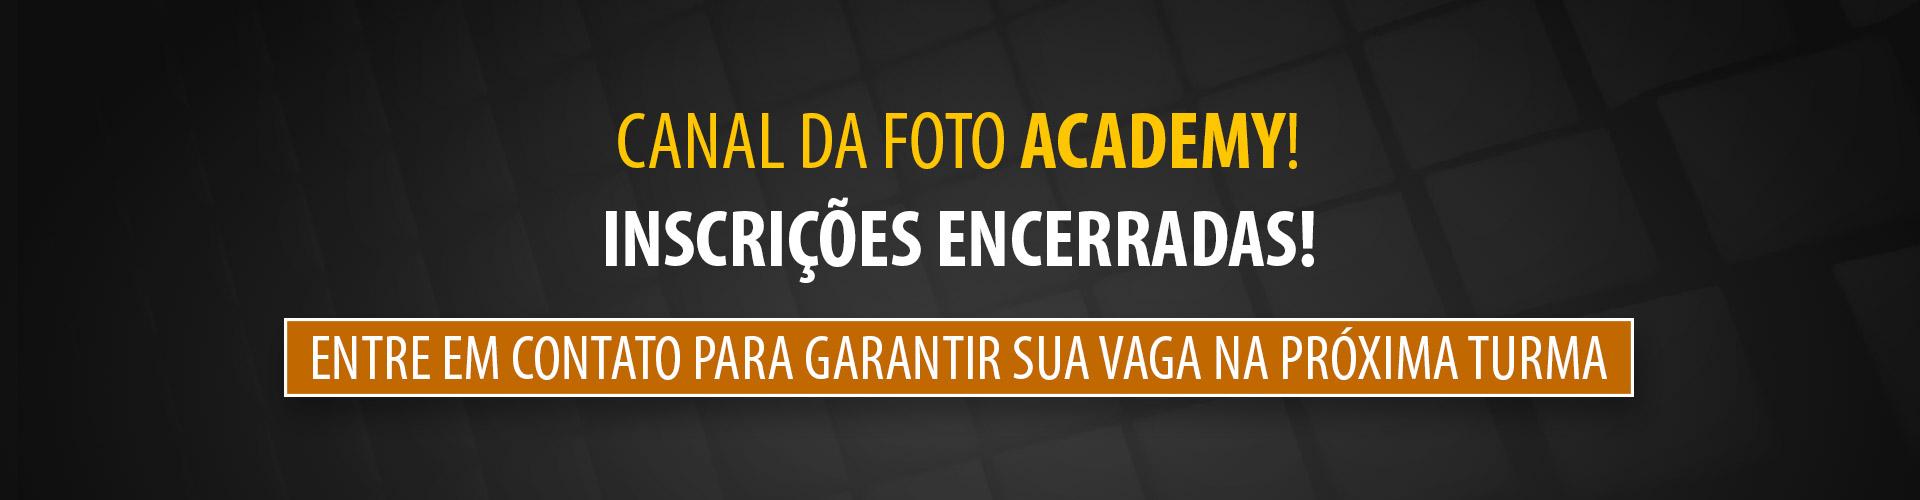 slider-canal-da-foto-academy-encerradas